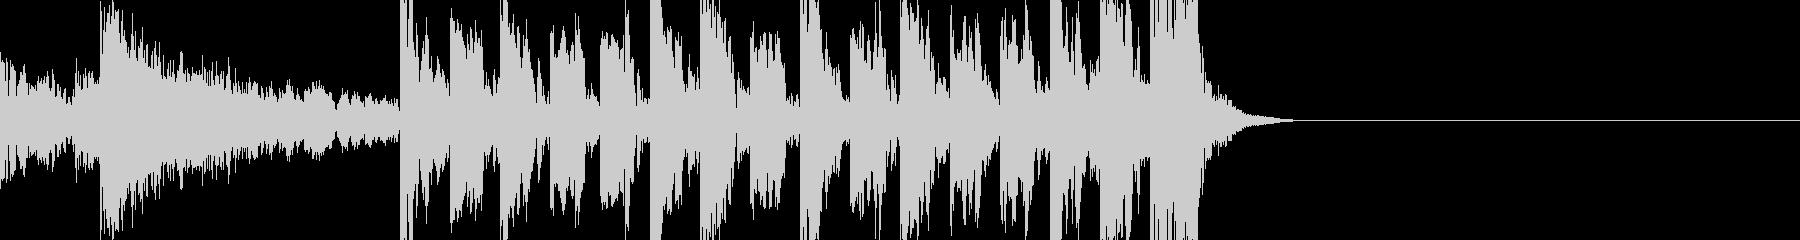 ドラムベース爆発重低音シンプルジングルの未再生の波形